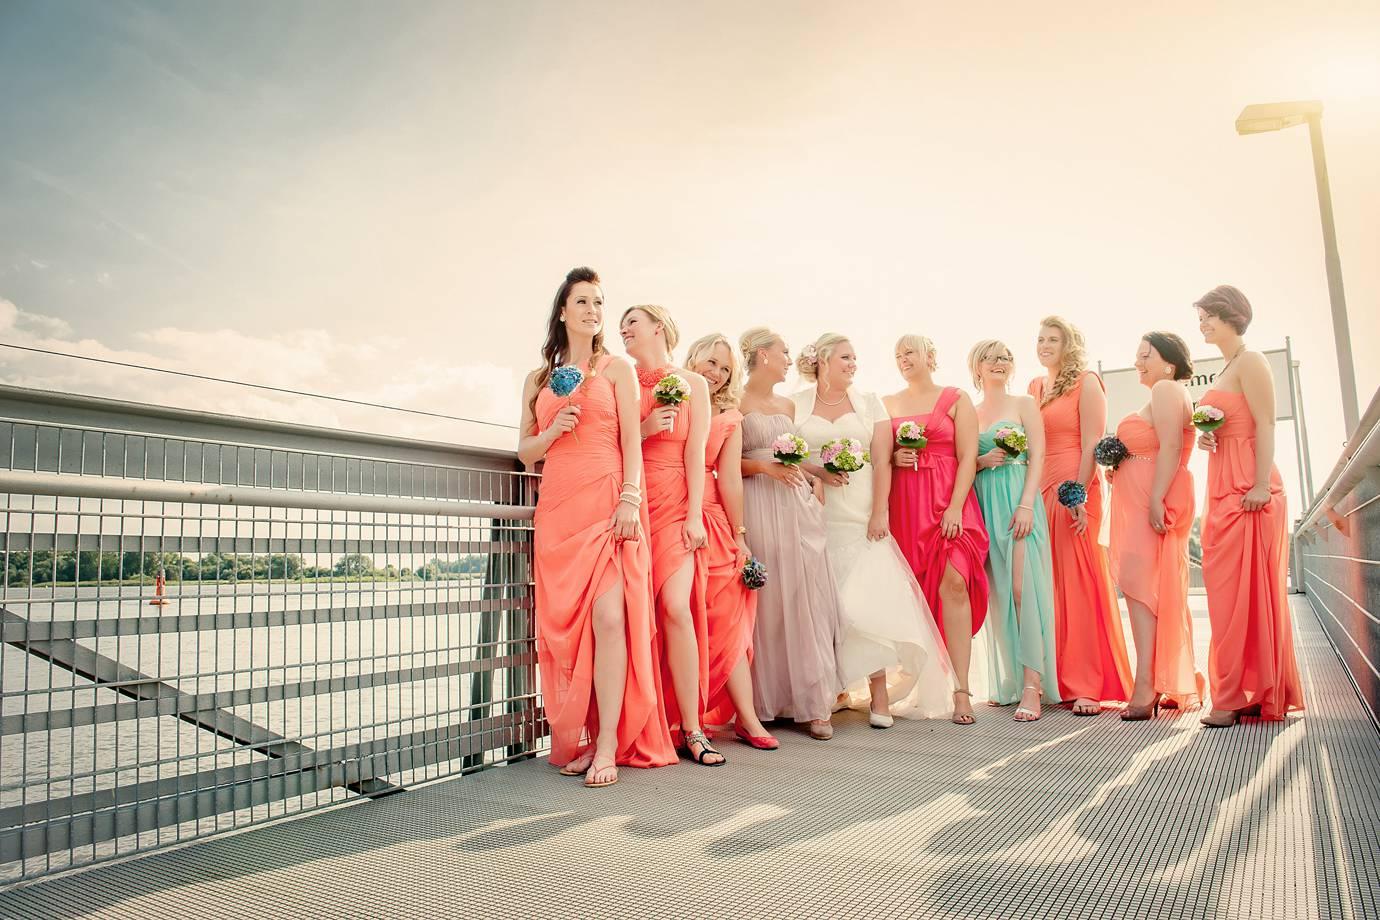 hochzeitsfotograf farge 024 - Rike+Marc